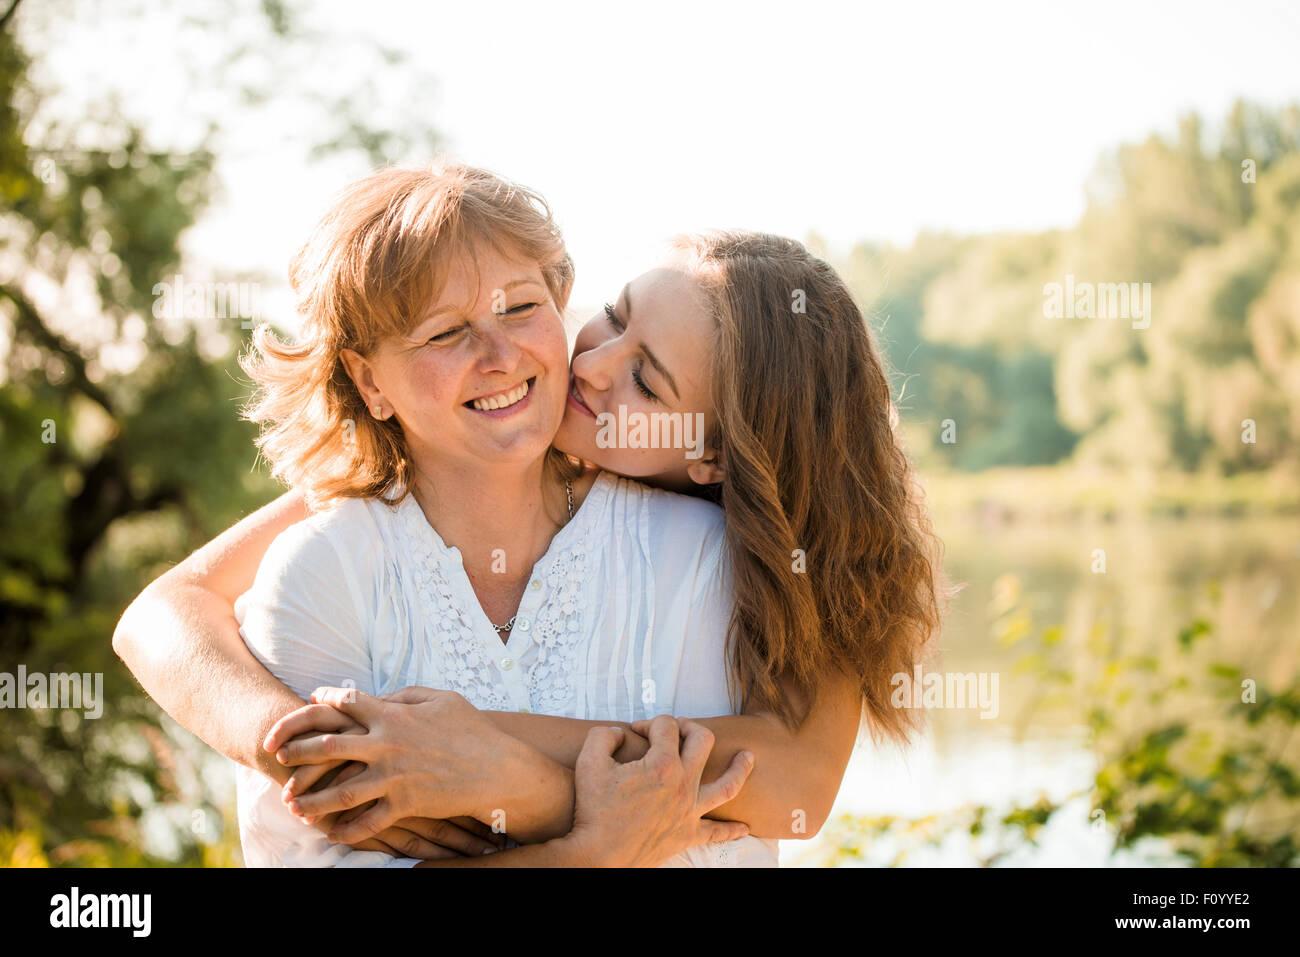 Madre madura abrazando con su hija adolescente en la naturaleza al aire libre en días soleados Imagen De Stock